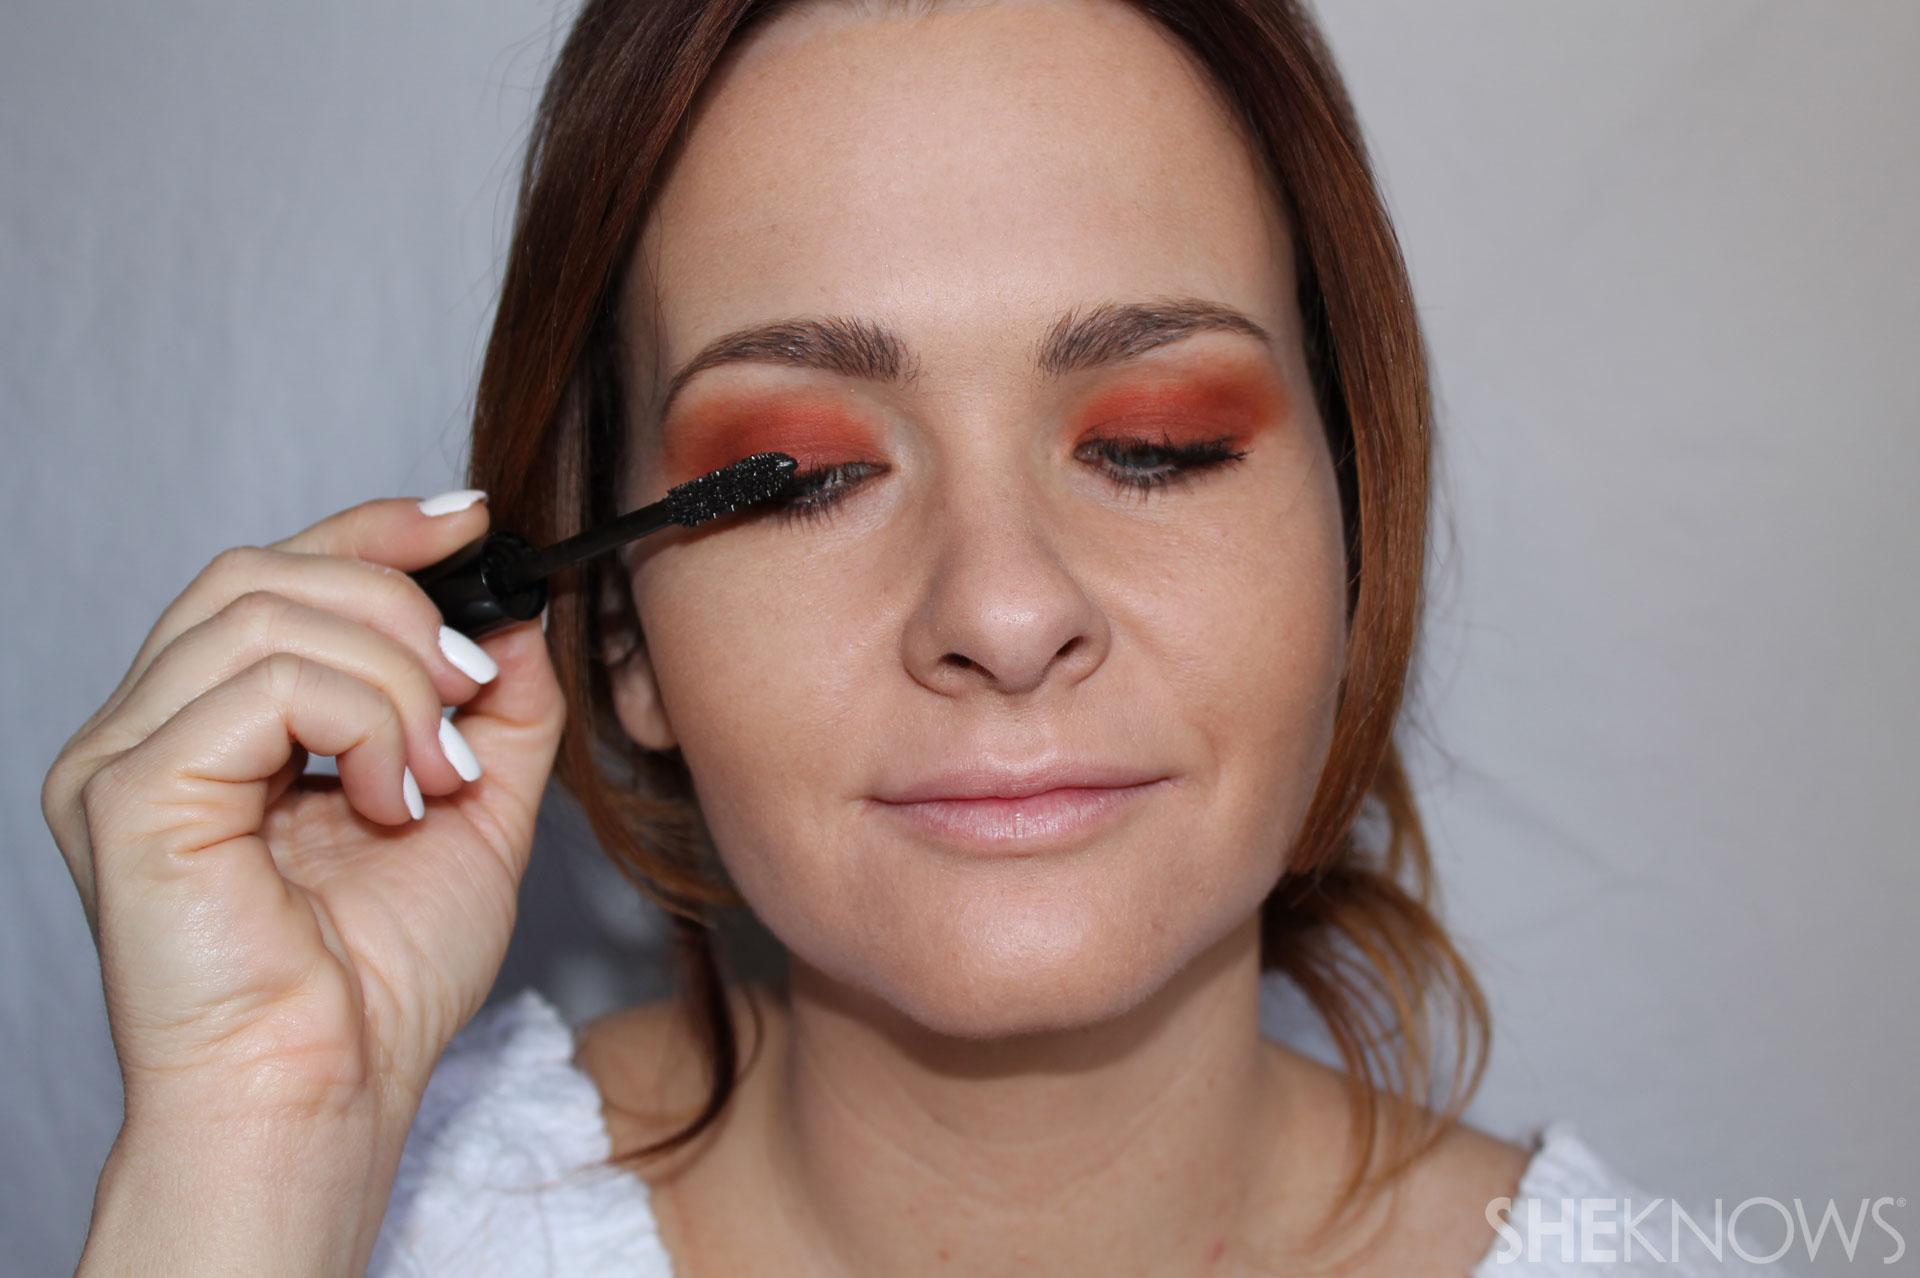 DYI bright eyeshadow: Apply mascara